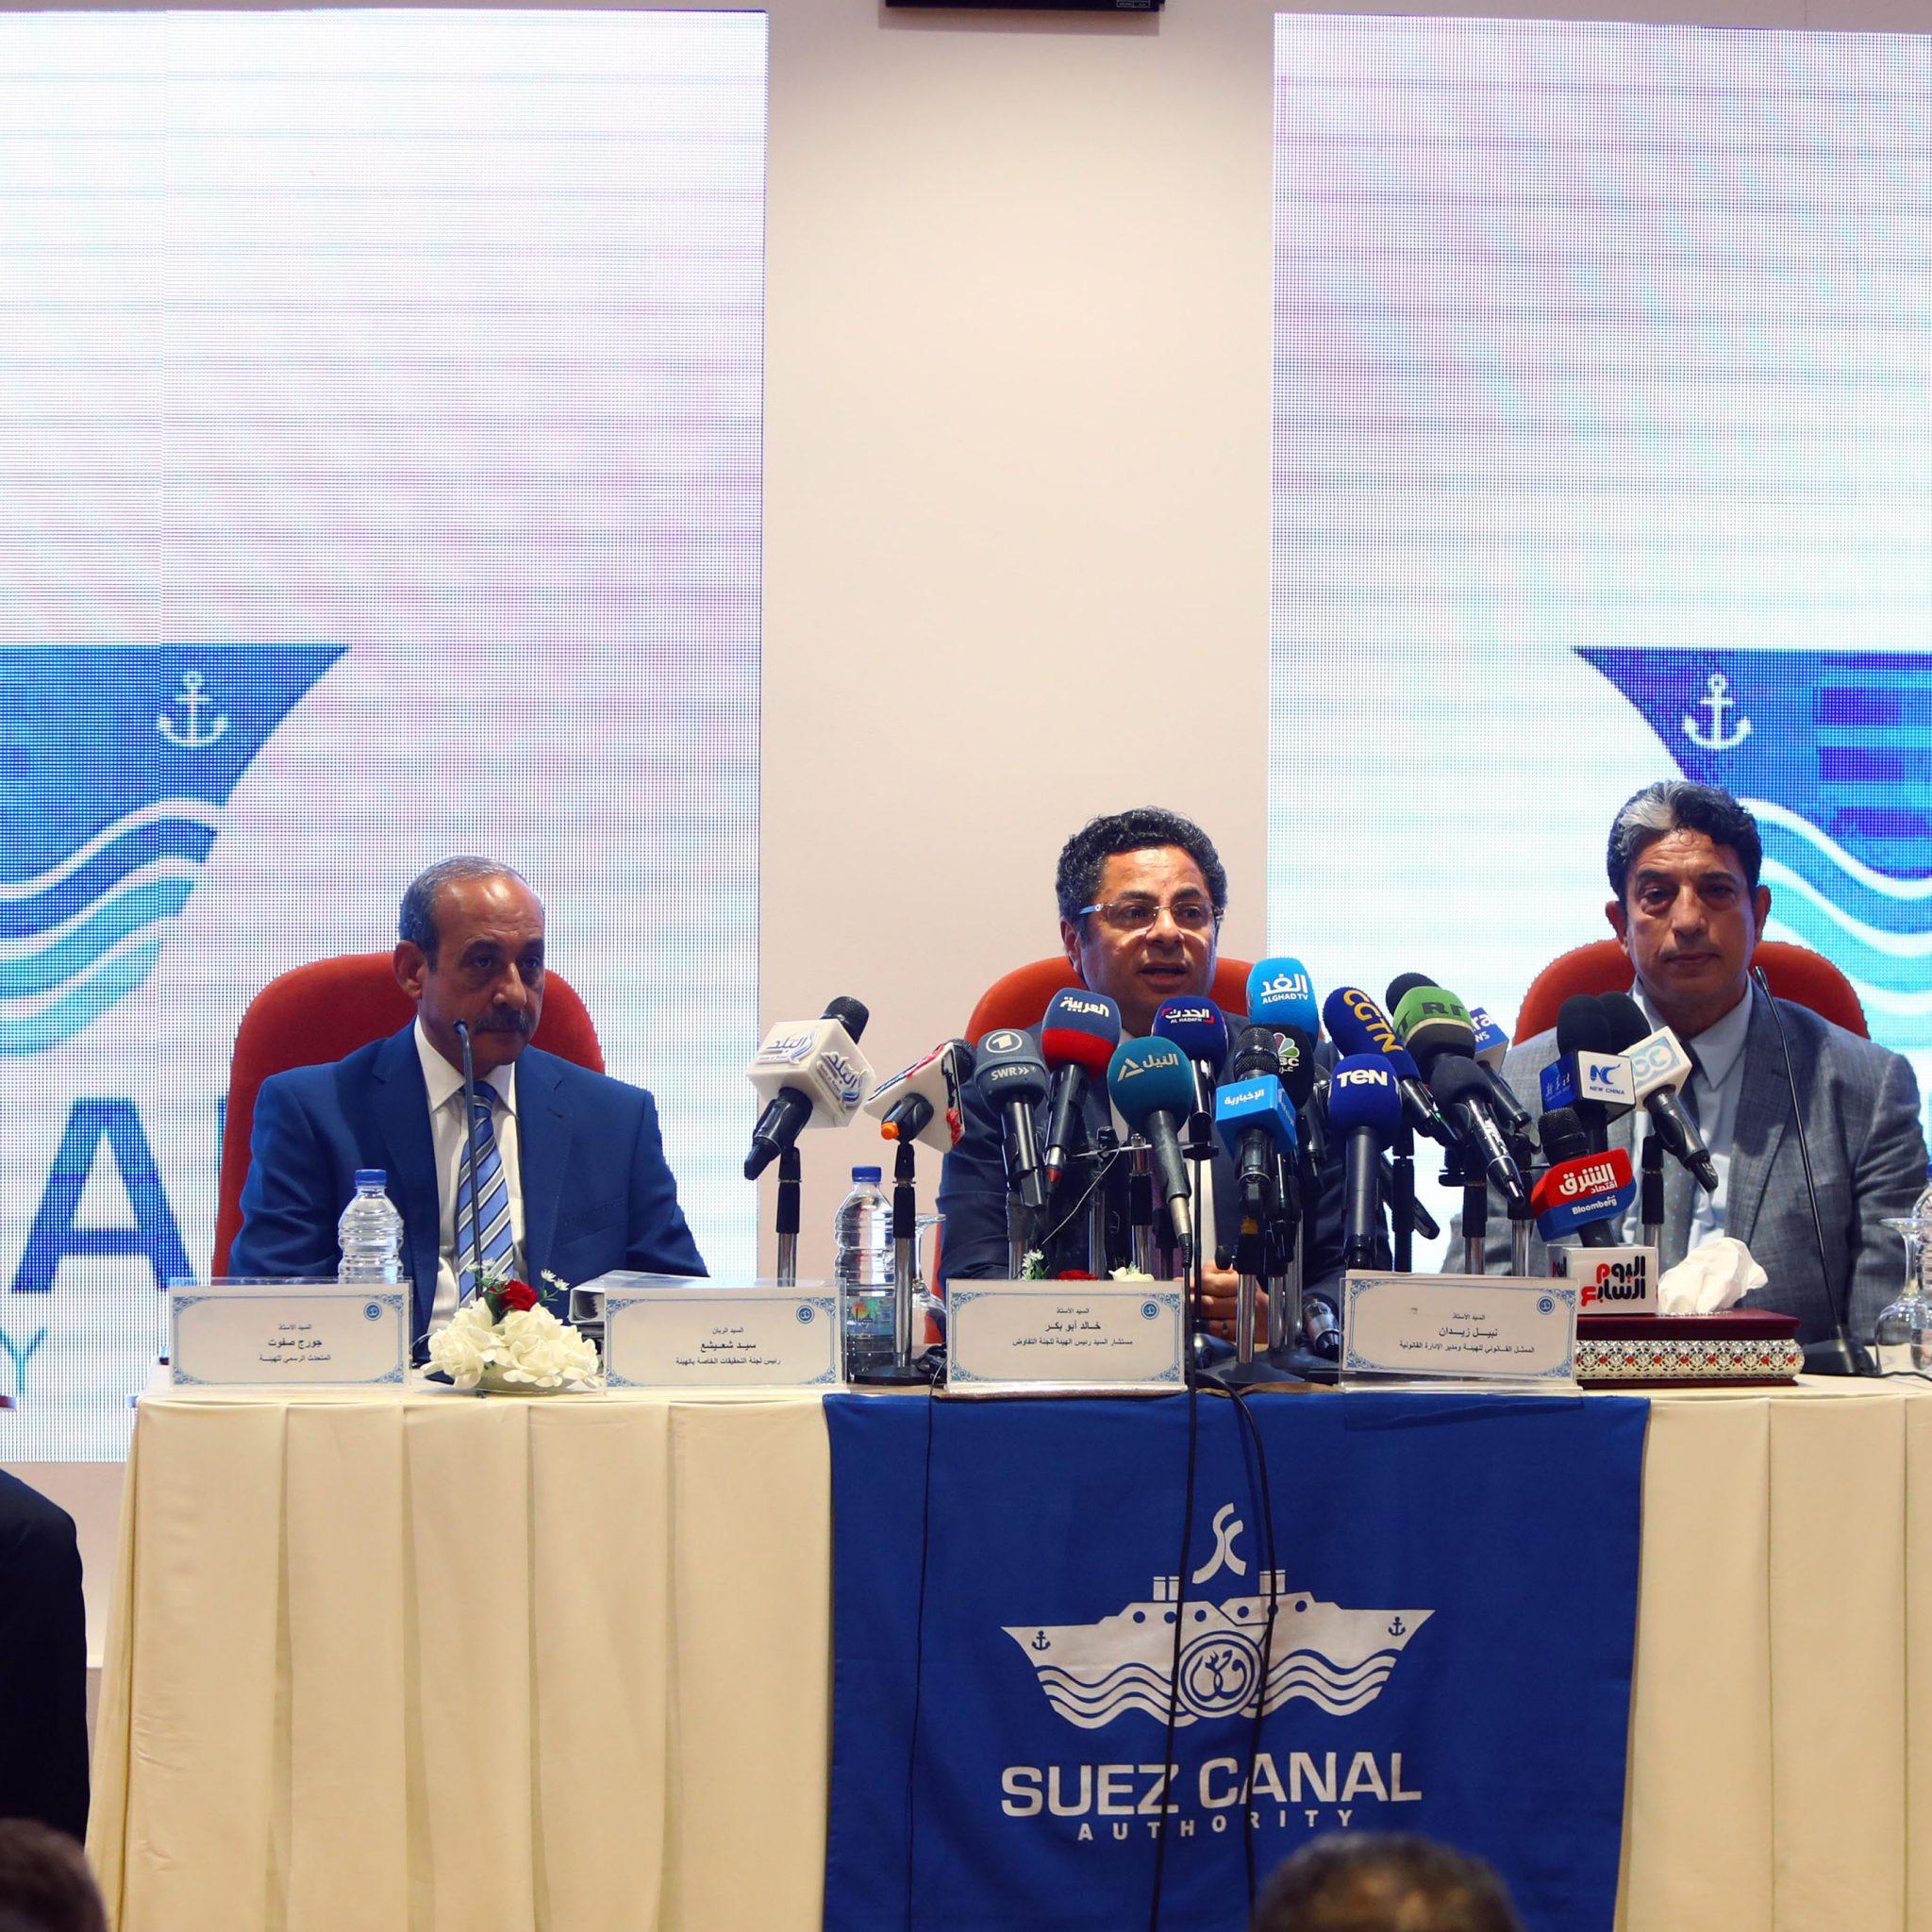 De Suez Canal Authority (SCA) wijst naar de kapitein als schuldige op een persconferentie. (Foto ANP)